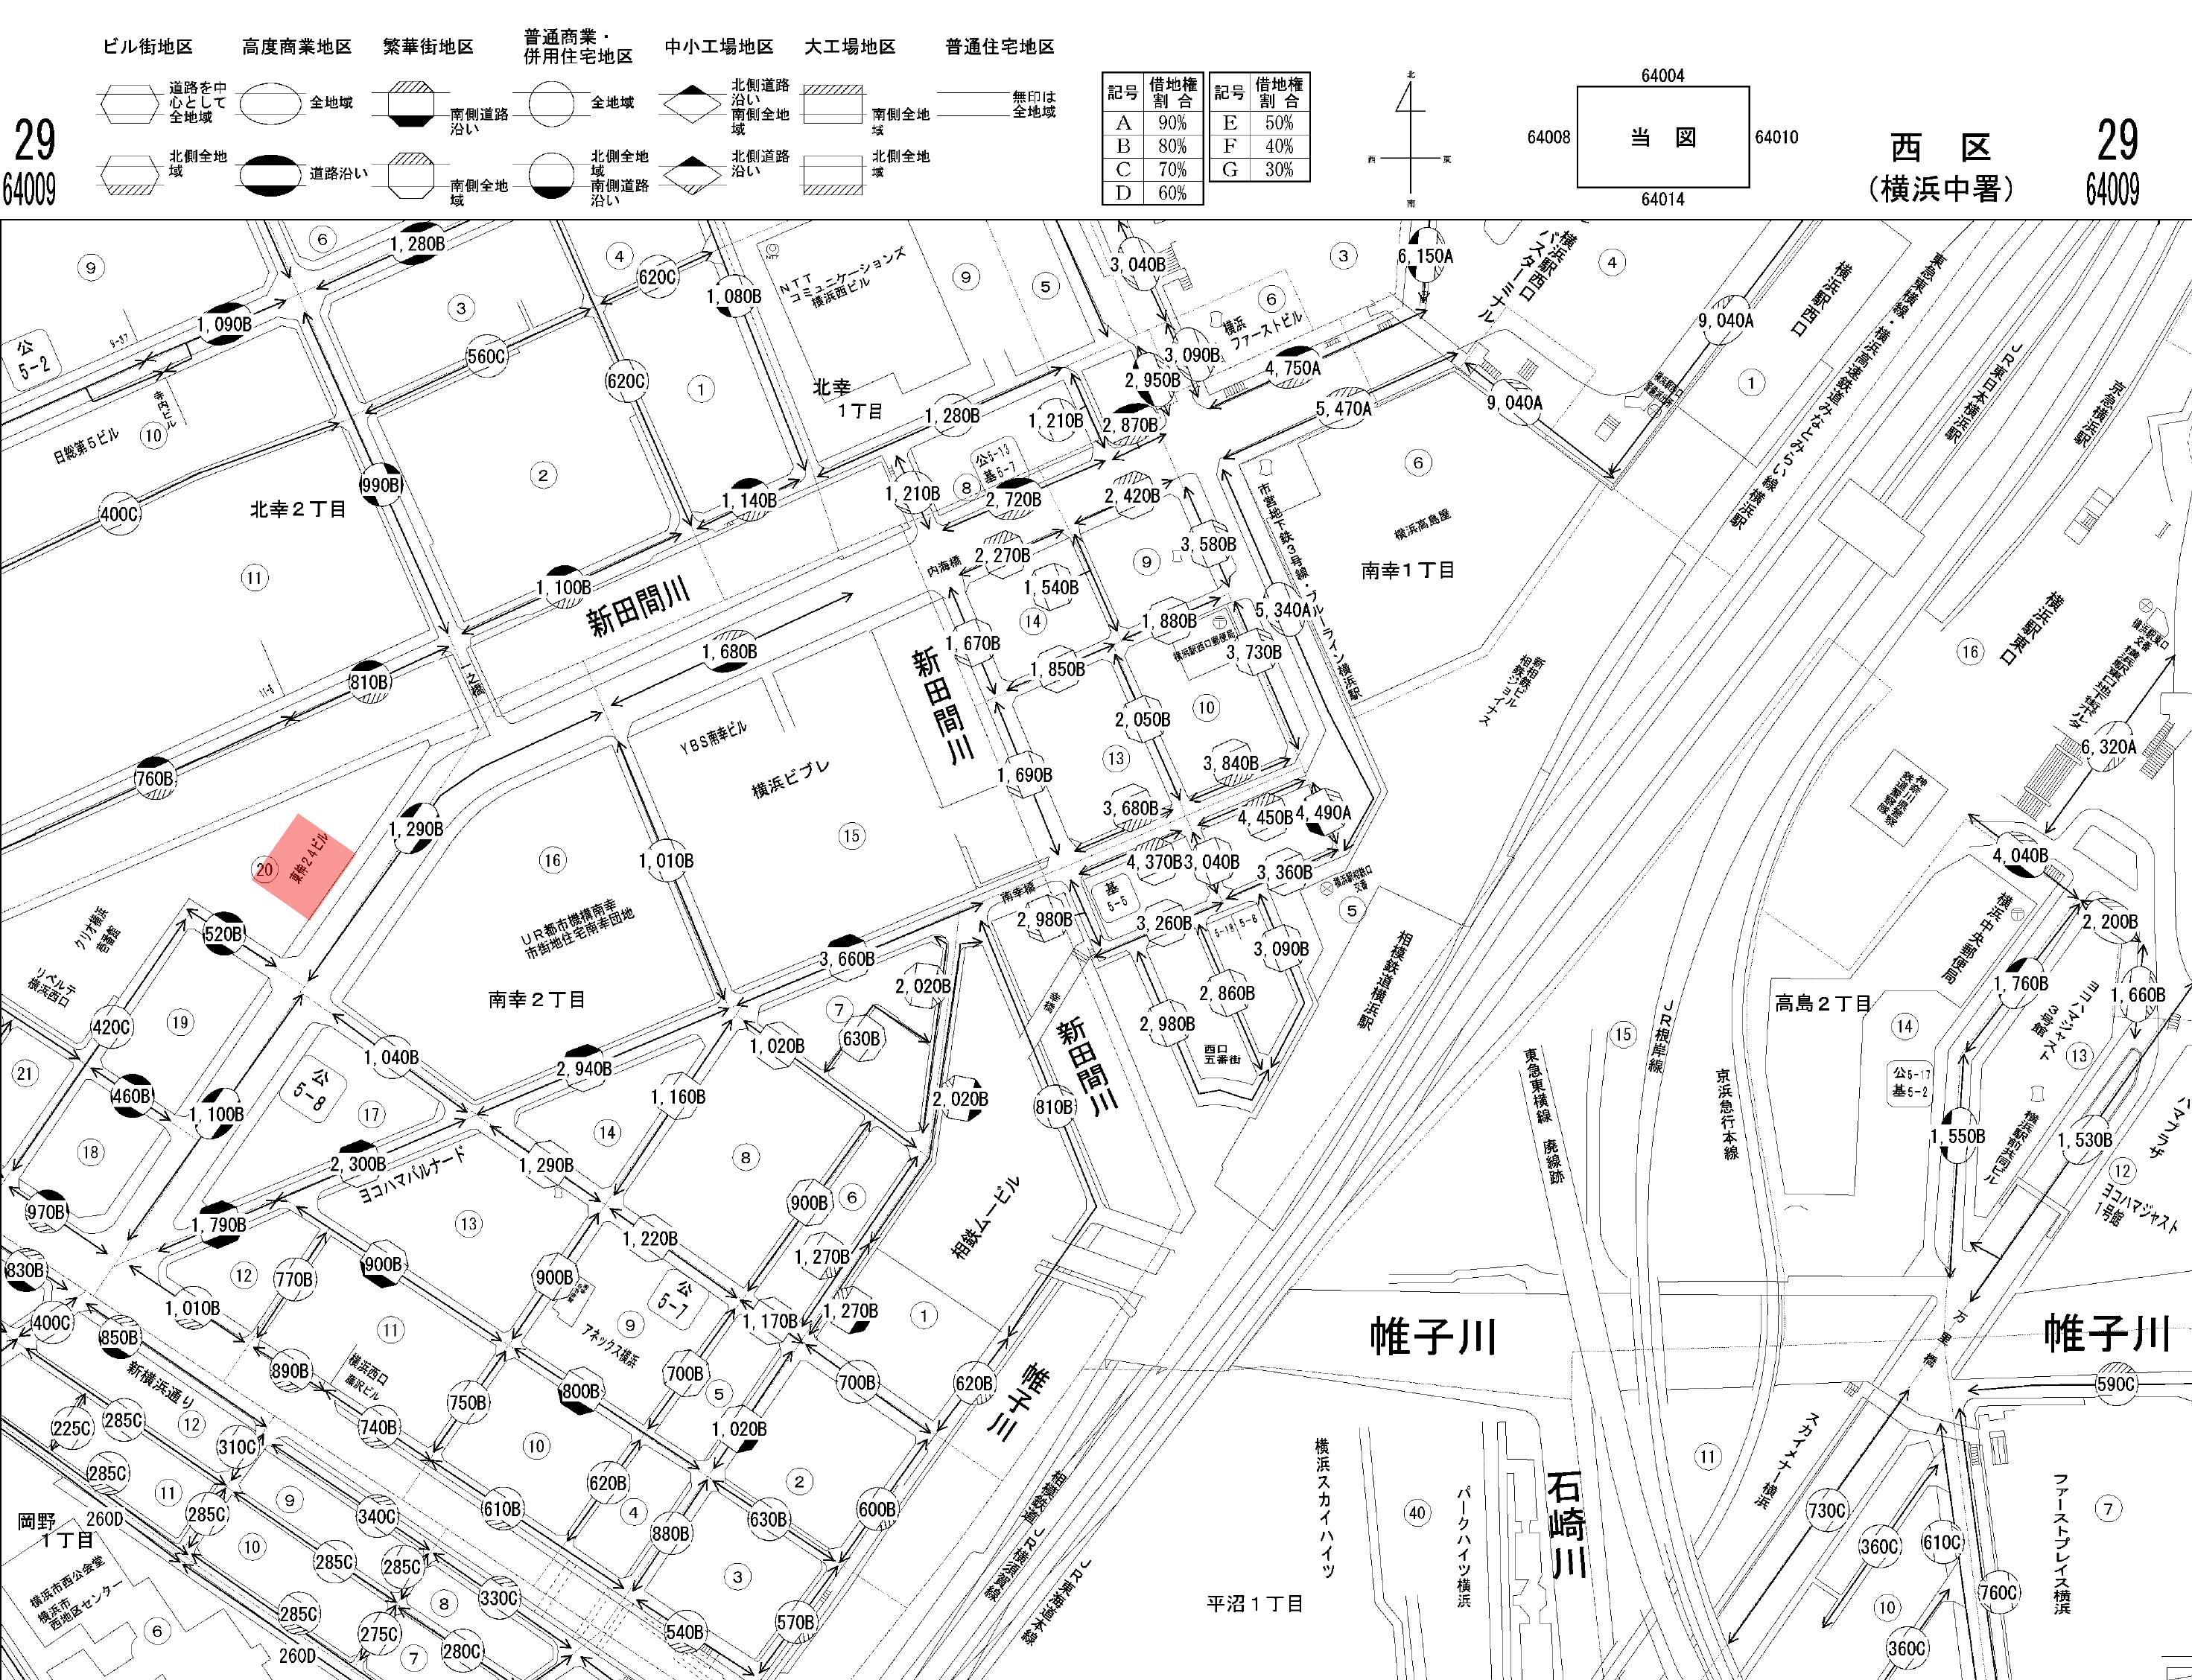 地図から場所を特定